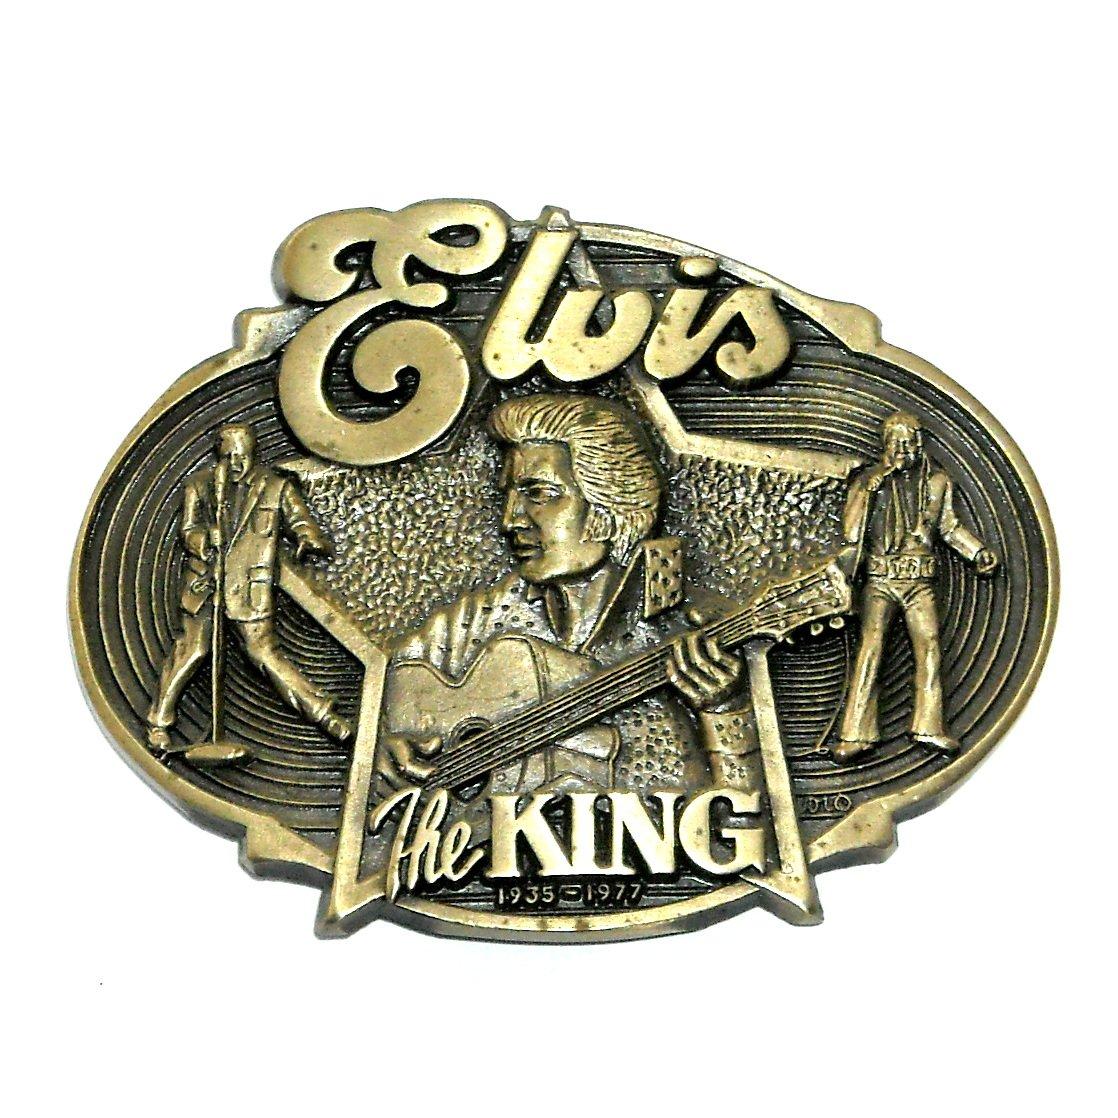 Elvis King Rock Roll Award Design Brass Belt Buckle